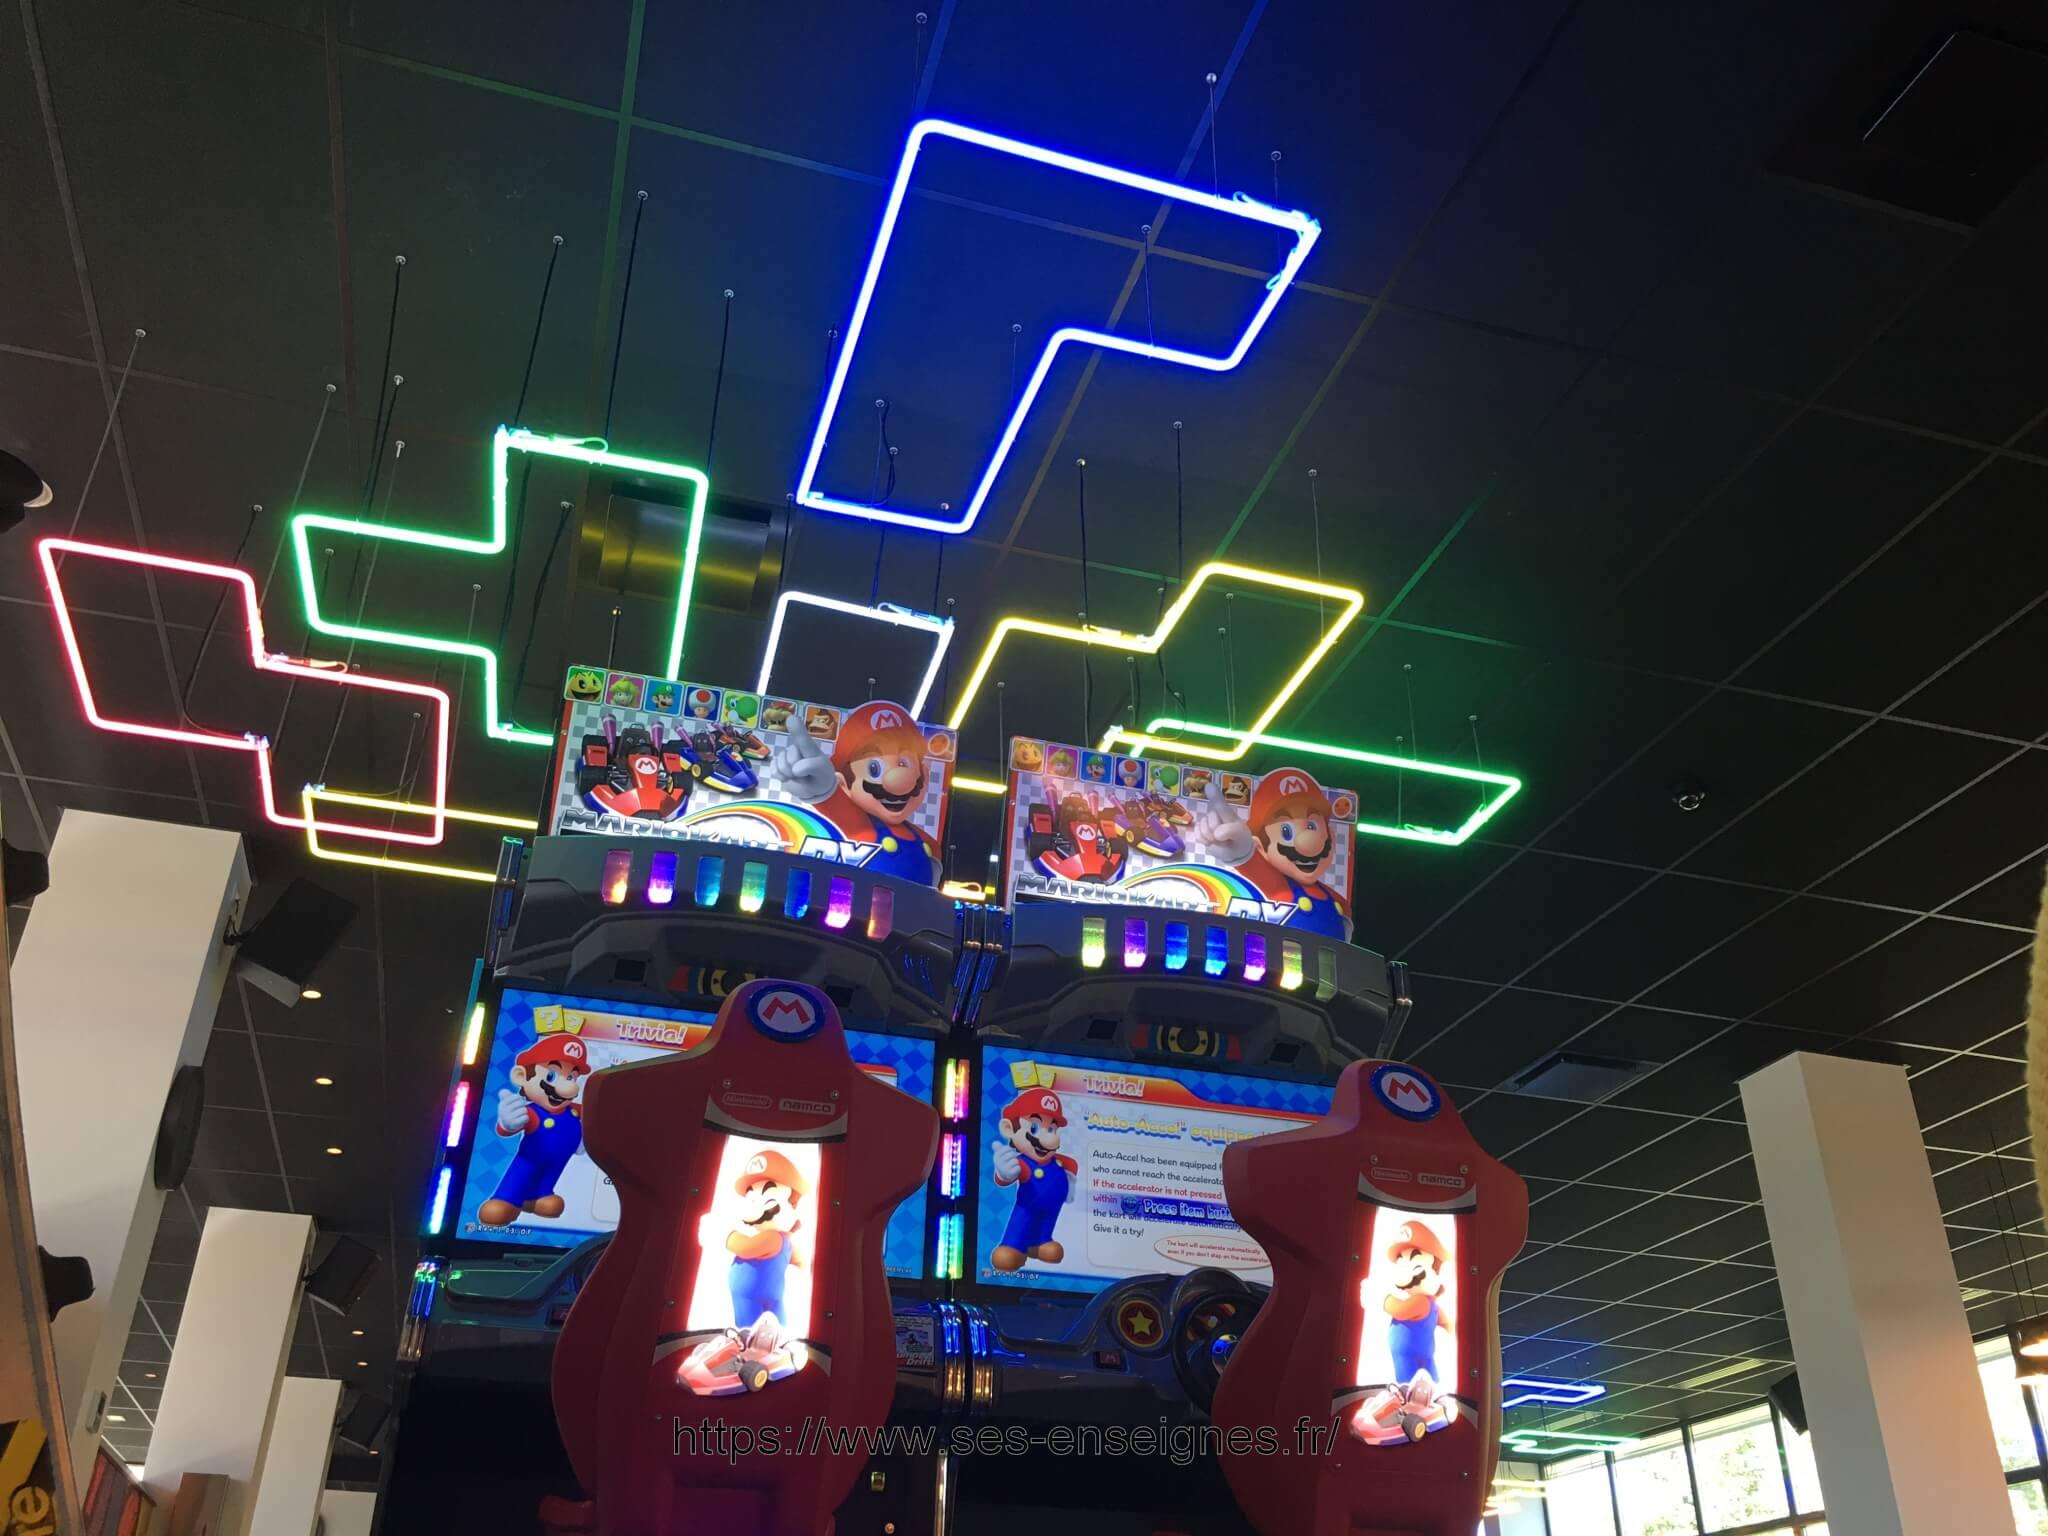 Enseigne néon Animation salle de jeux LDLC - Enseigniste SES Grigny Lyon